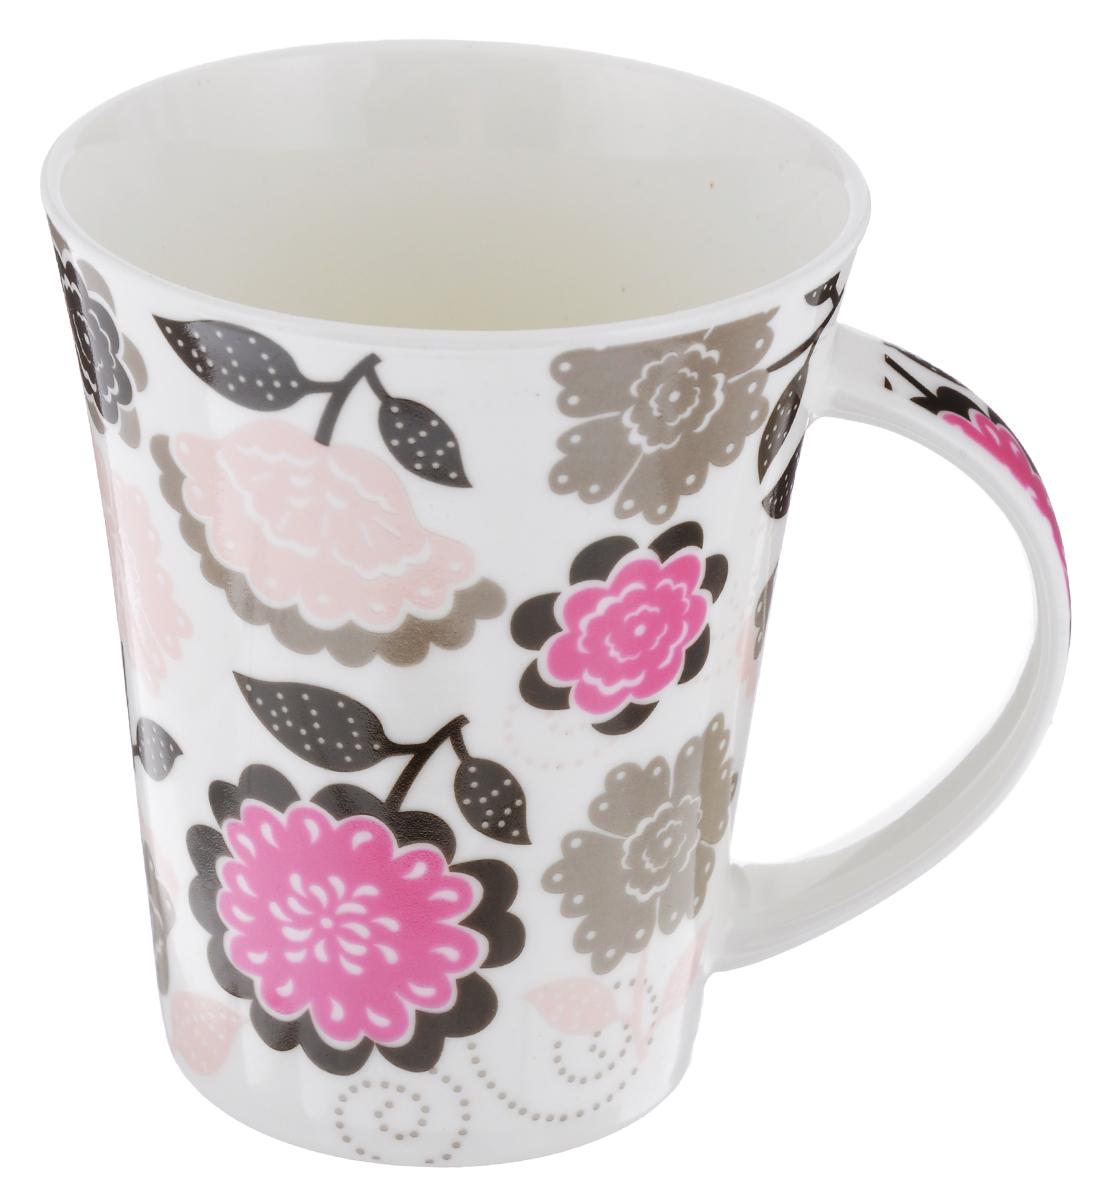 Кружка Фэнтези пинк. Цветы, 300 млLQB18-T077_цветыКружка Фэнтези пинк. Цветы изготовлена из высококачественного фарфора, покрытого слоем сверкающей глазури. Внешние стенки изделия оформлены красочным рисунком. Такая кружка прекрасно подойдет для горячих и холодных напитков. Она дополнит коллекцию вашей кухонной посуды и будет служить долгие годы. Можно использовать в посудомоечной машине и СВЧ. Объем кружки: 300 мл. Диаметр кружки (по верхнему краю): 9 см. Высота стенки кружки: 11 см.